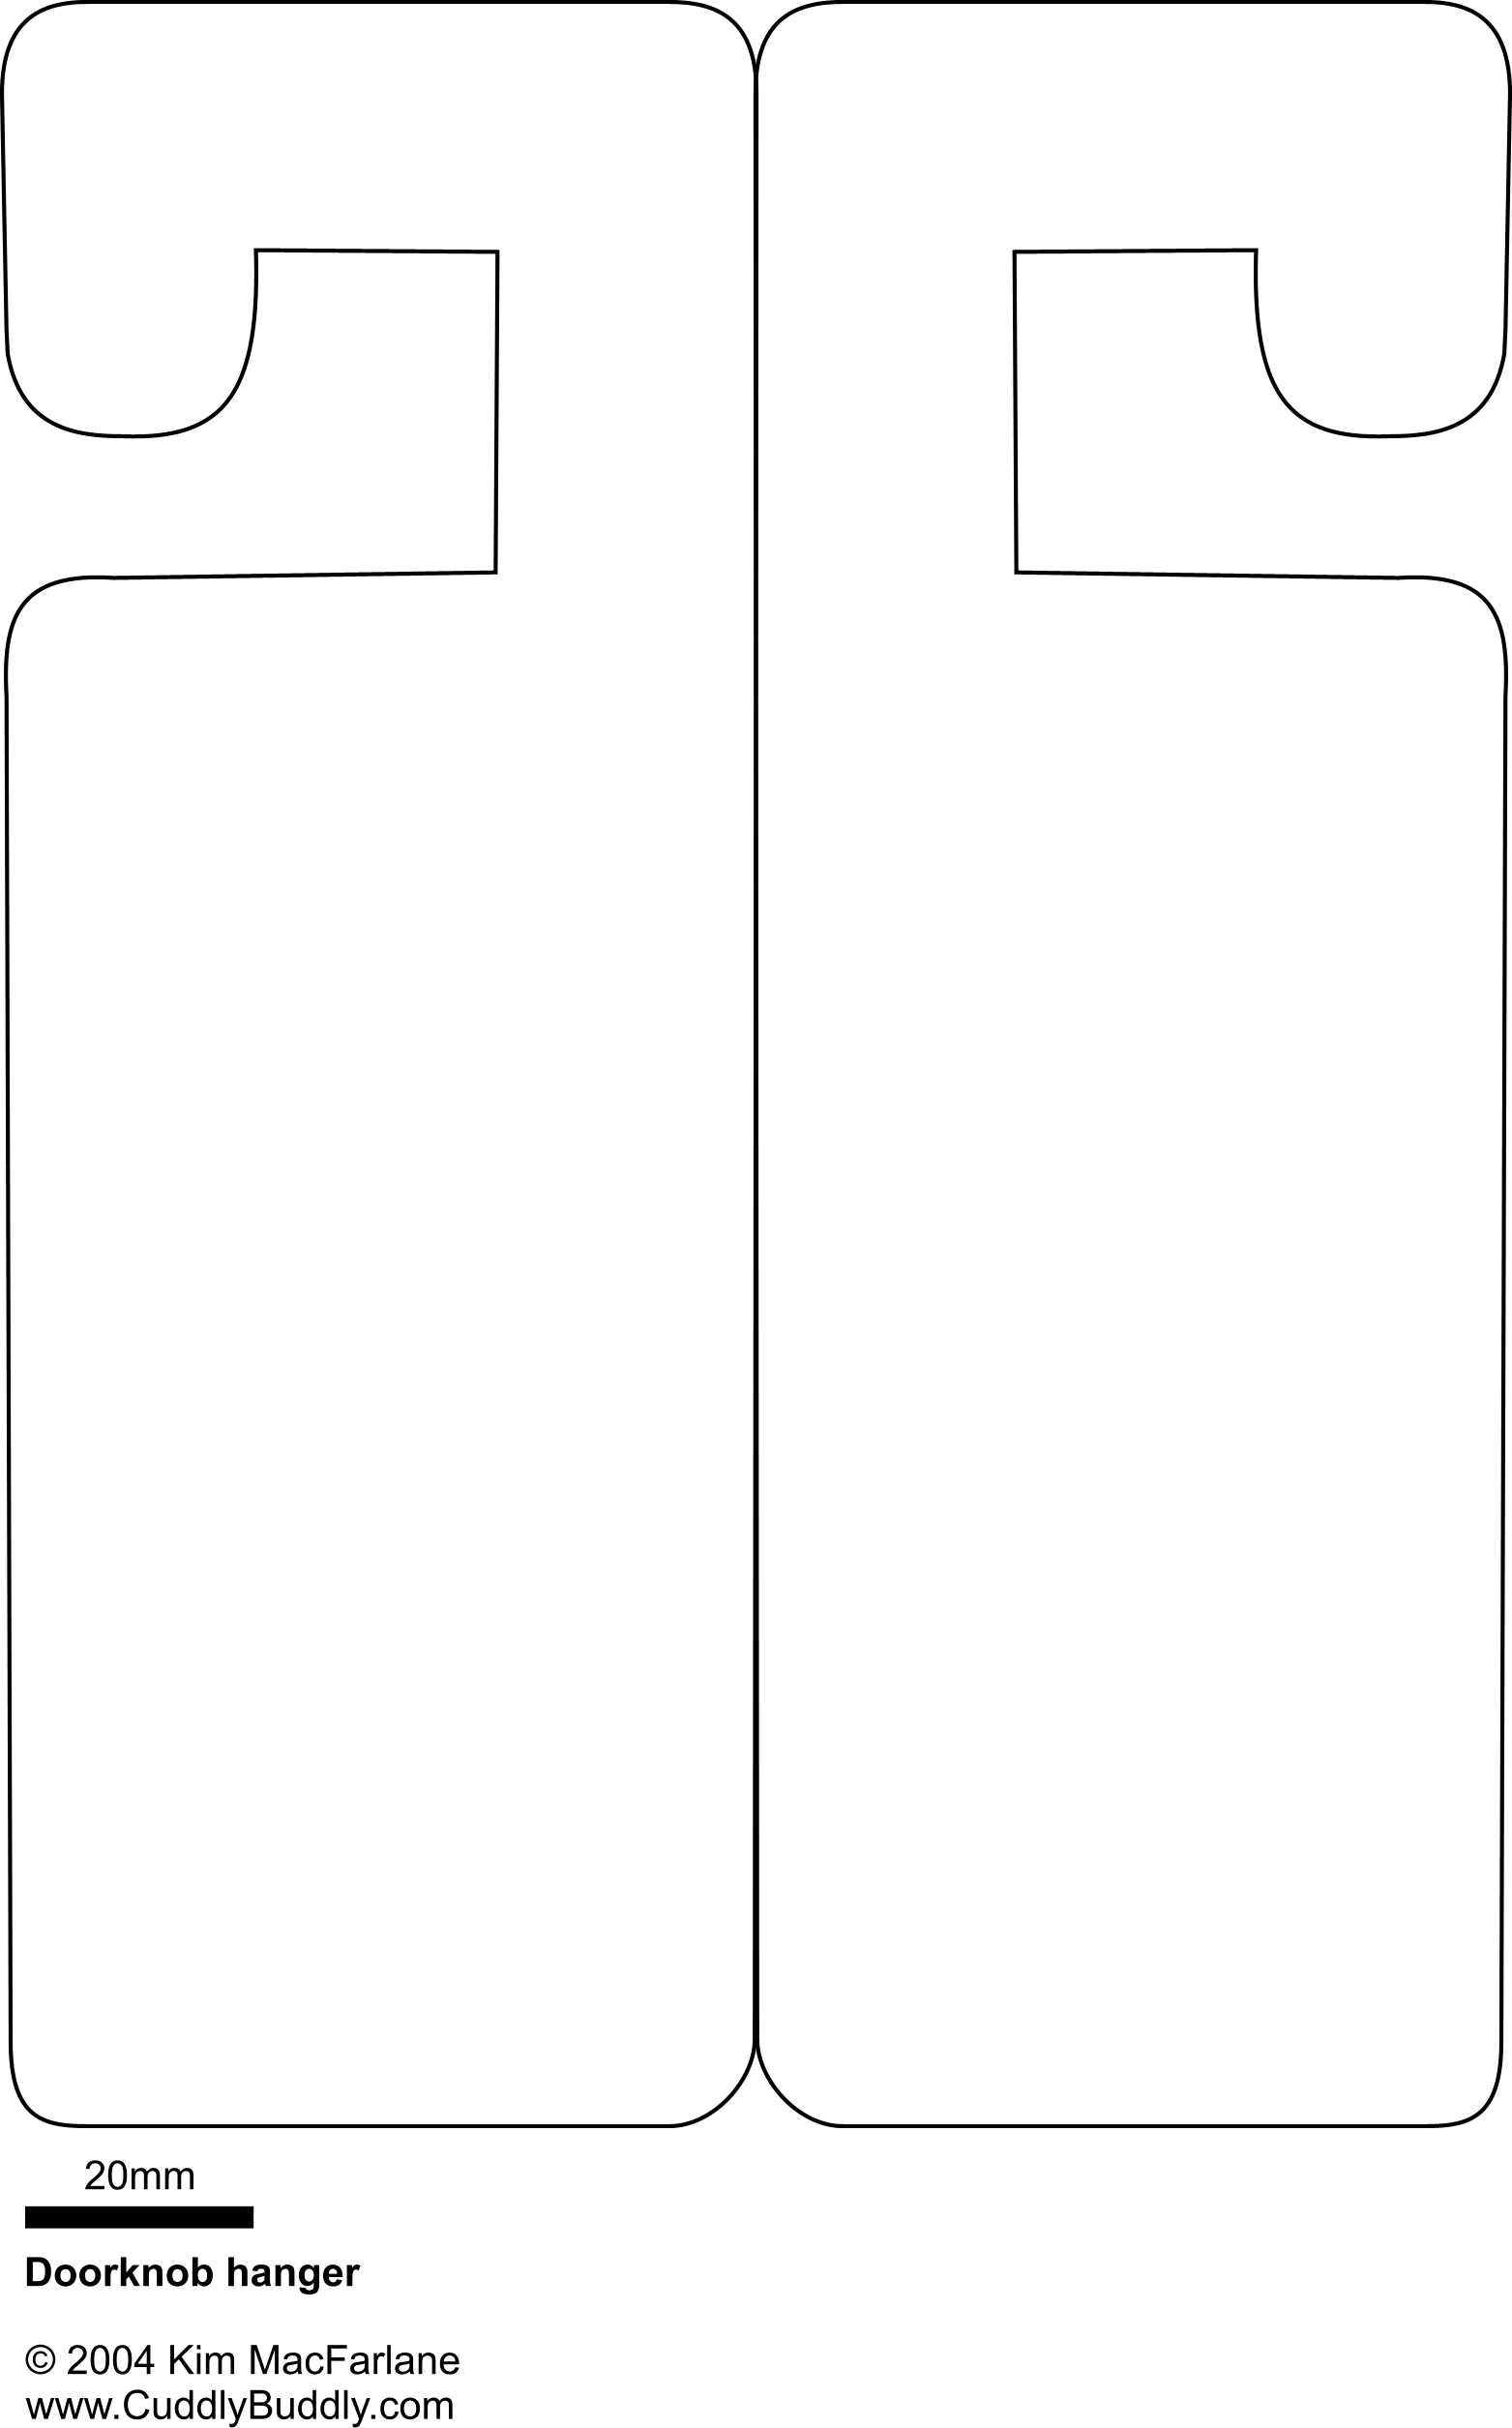 door knob hanger template photo - 11